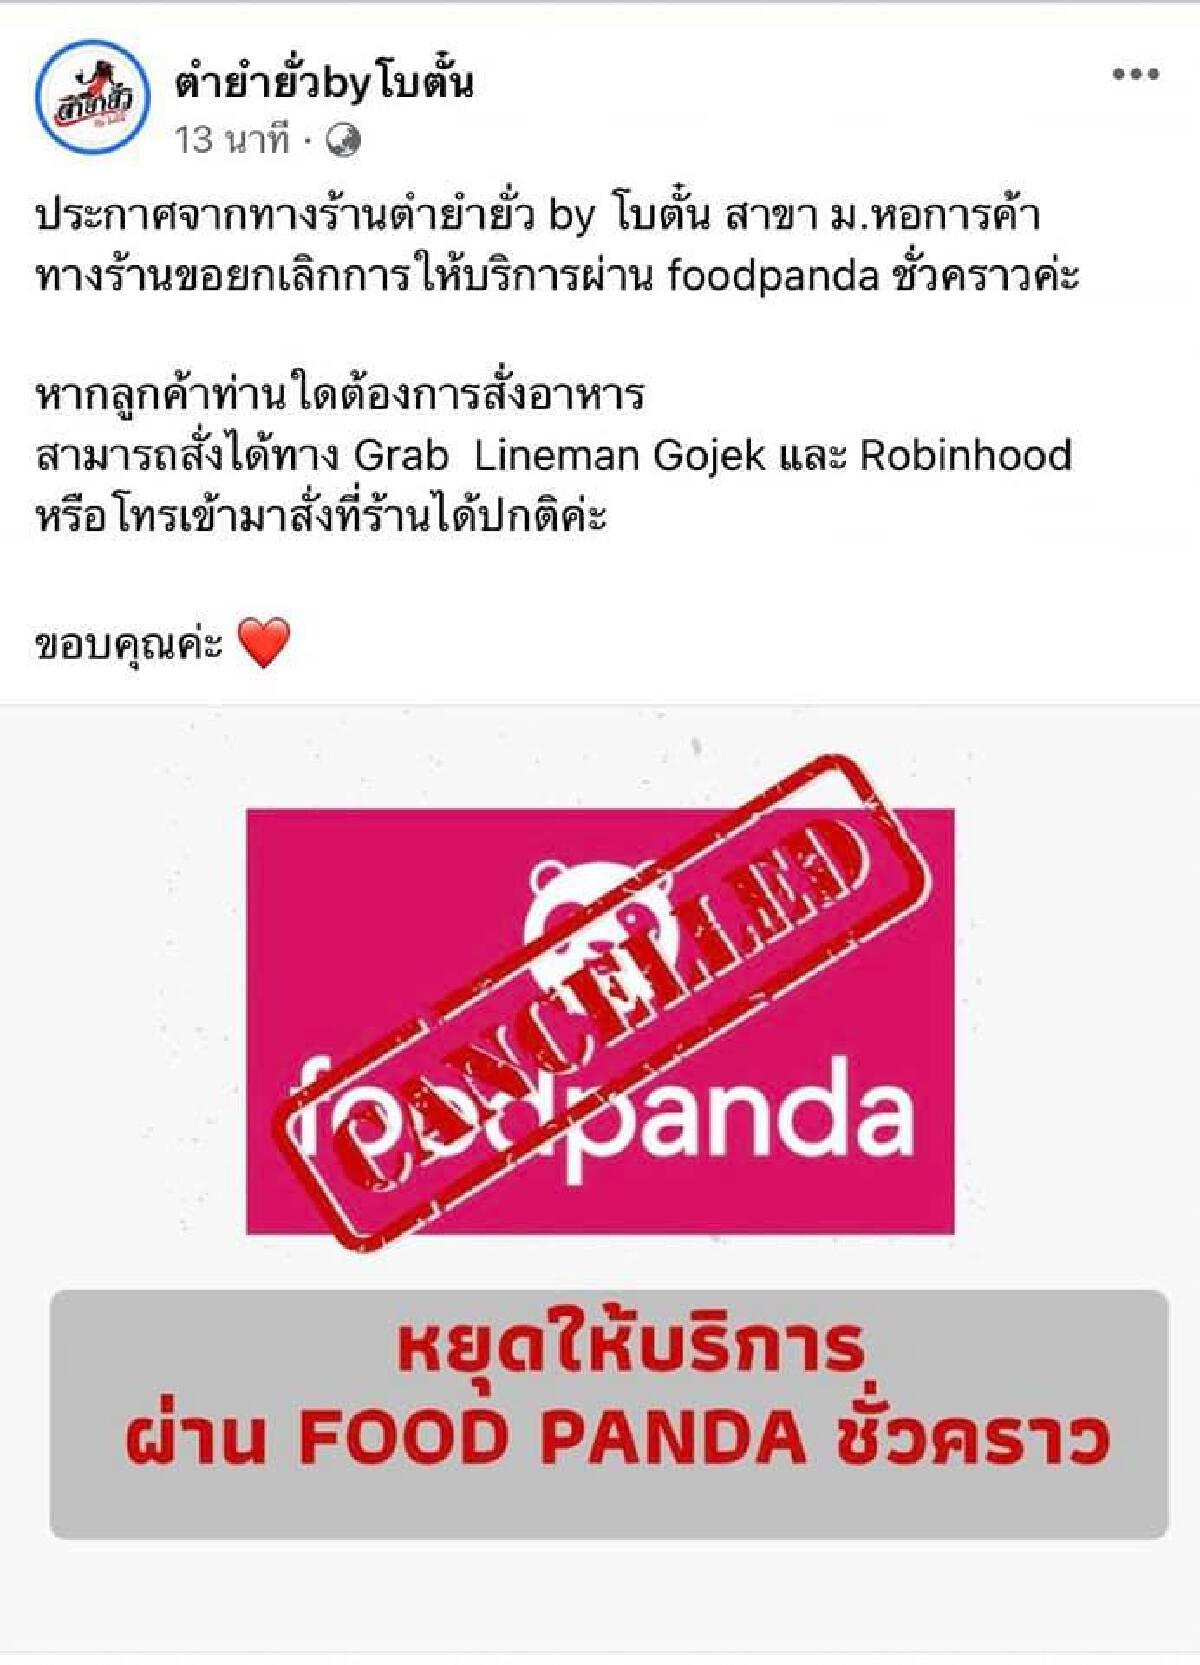 สรุปให้ ทวิตเตอร์เดือดแห่ #แบนfoodpanda ติดเทรนด์ ปมไรเดอร์ร่วมชุมนุม